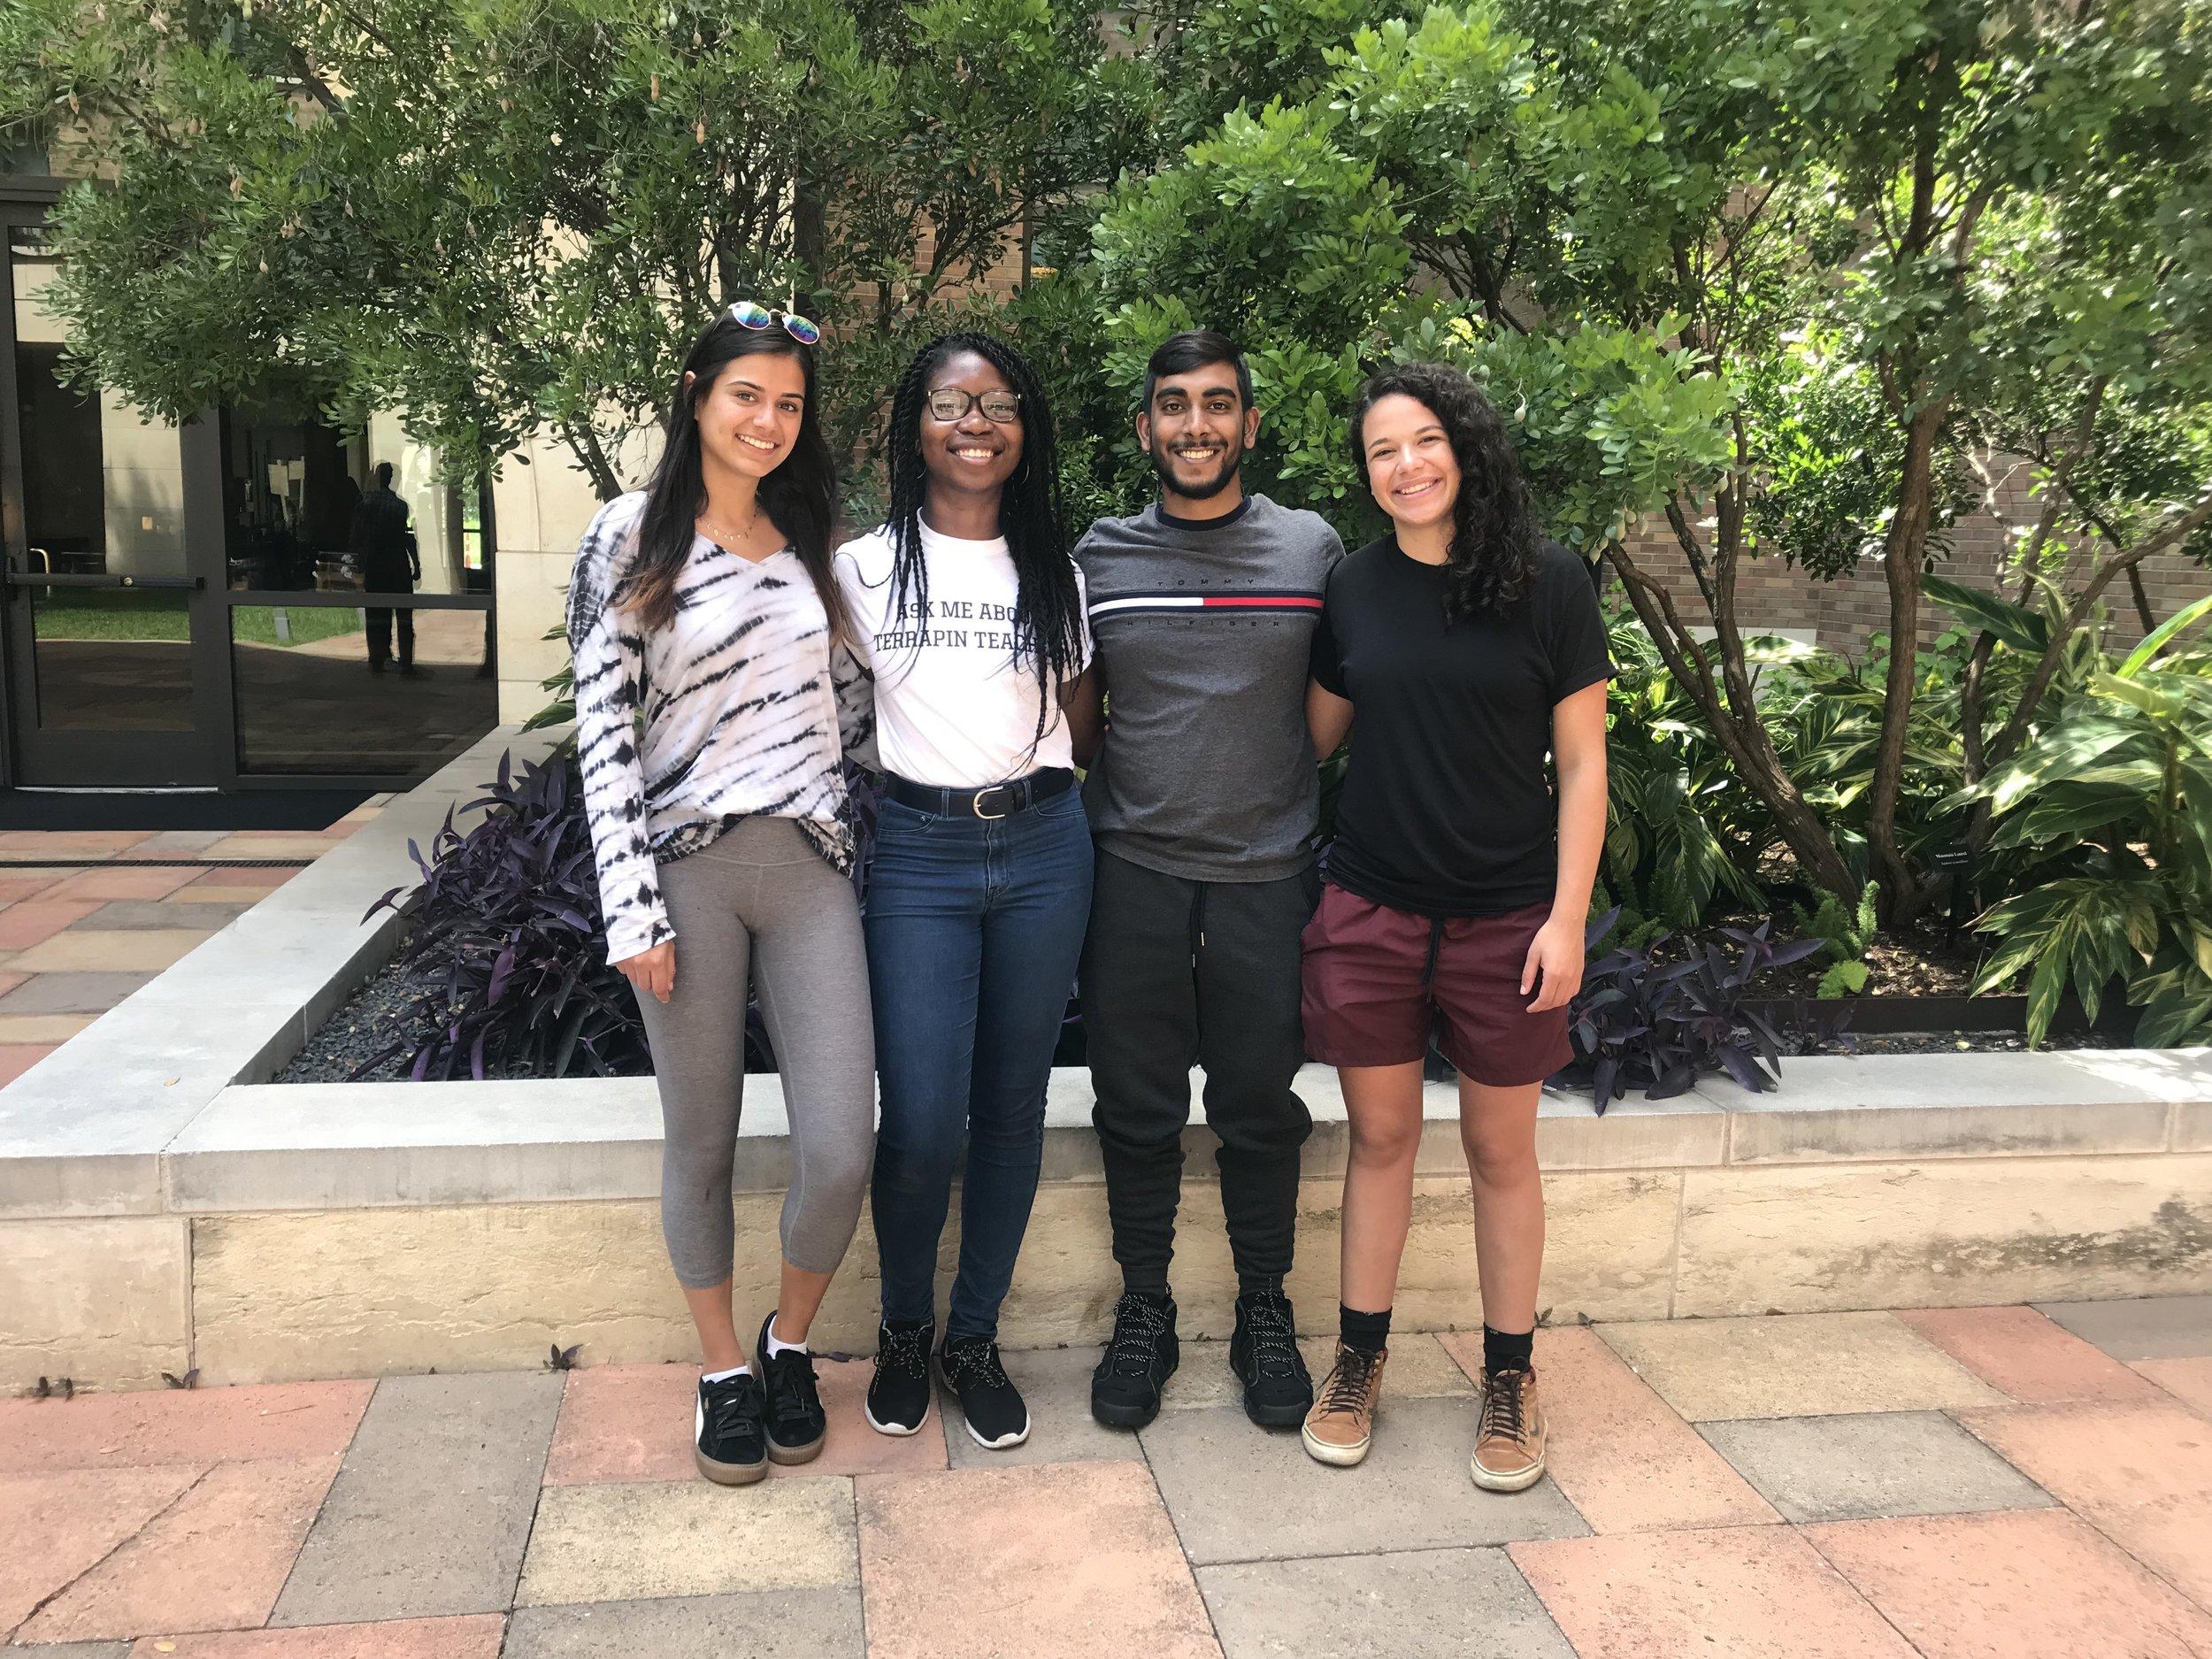 (Left to right: Tara Tanasovich, Precious Azike, Joshua Pooranmal, and Vanessa Wagener)